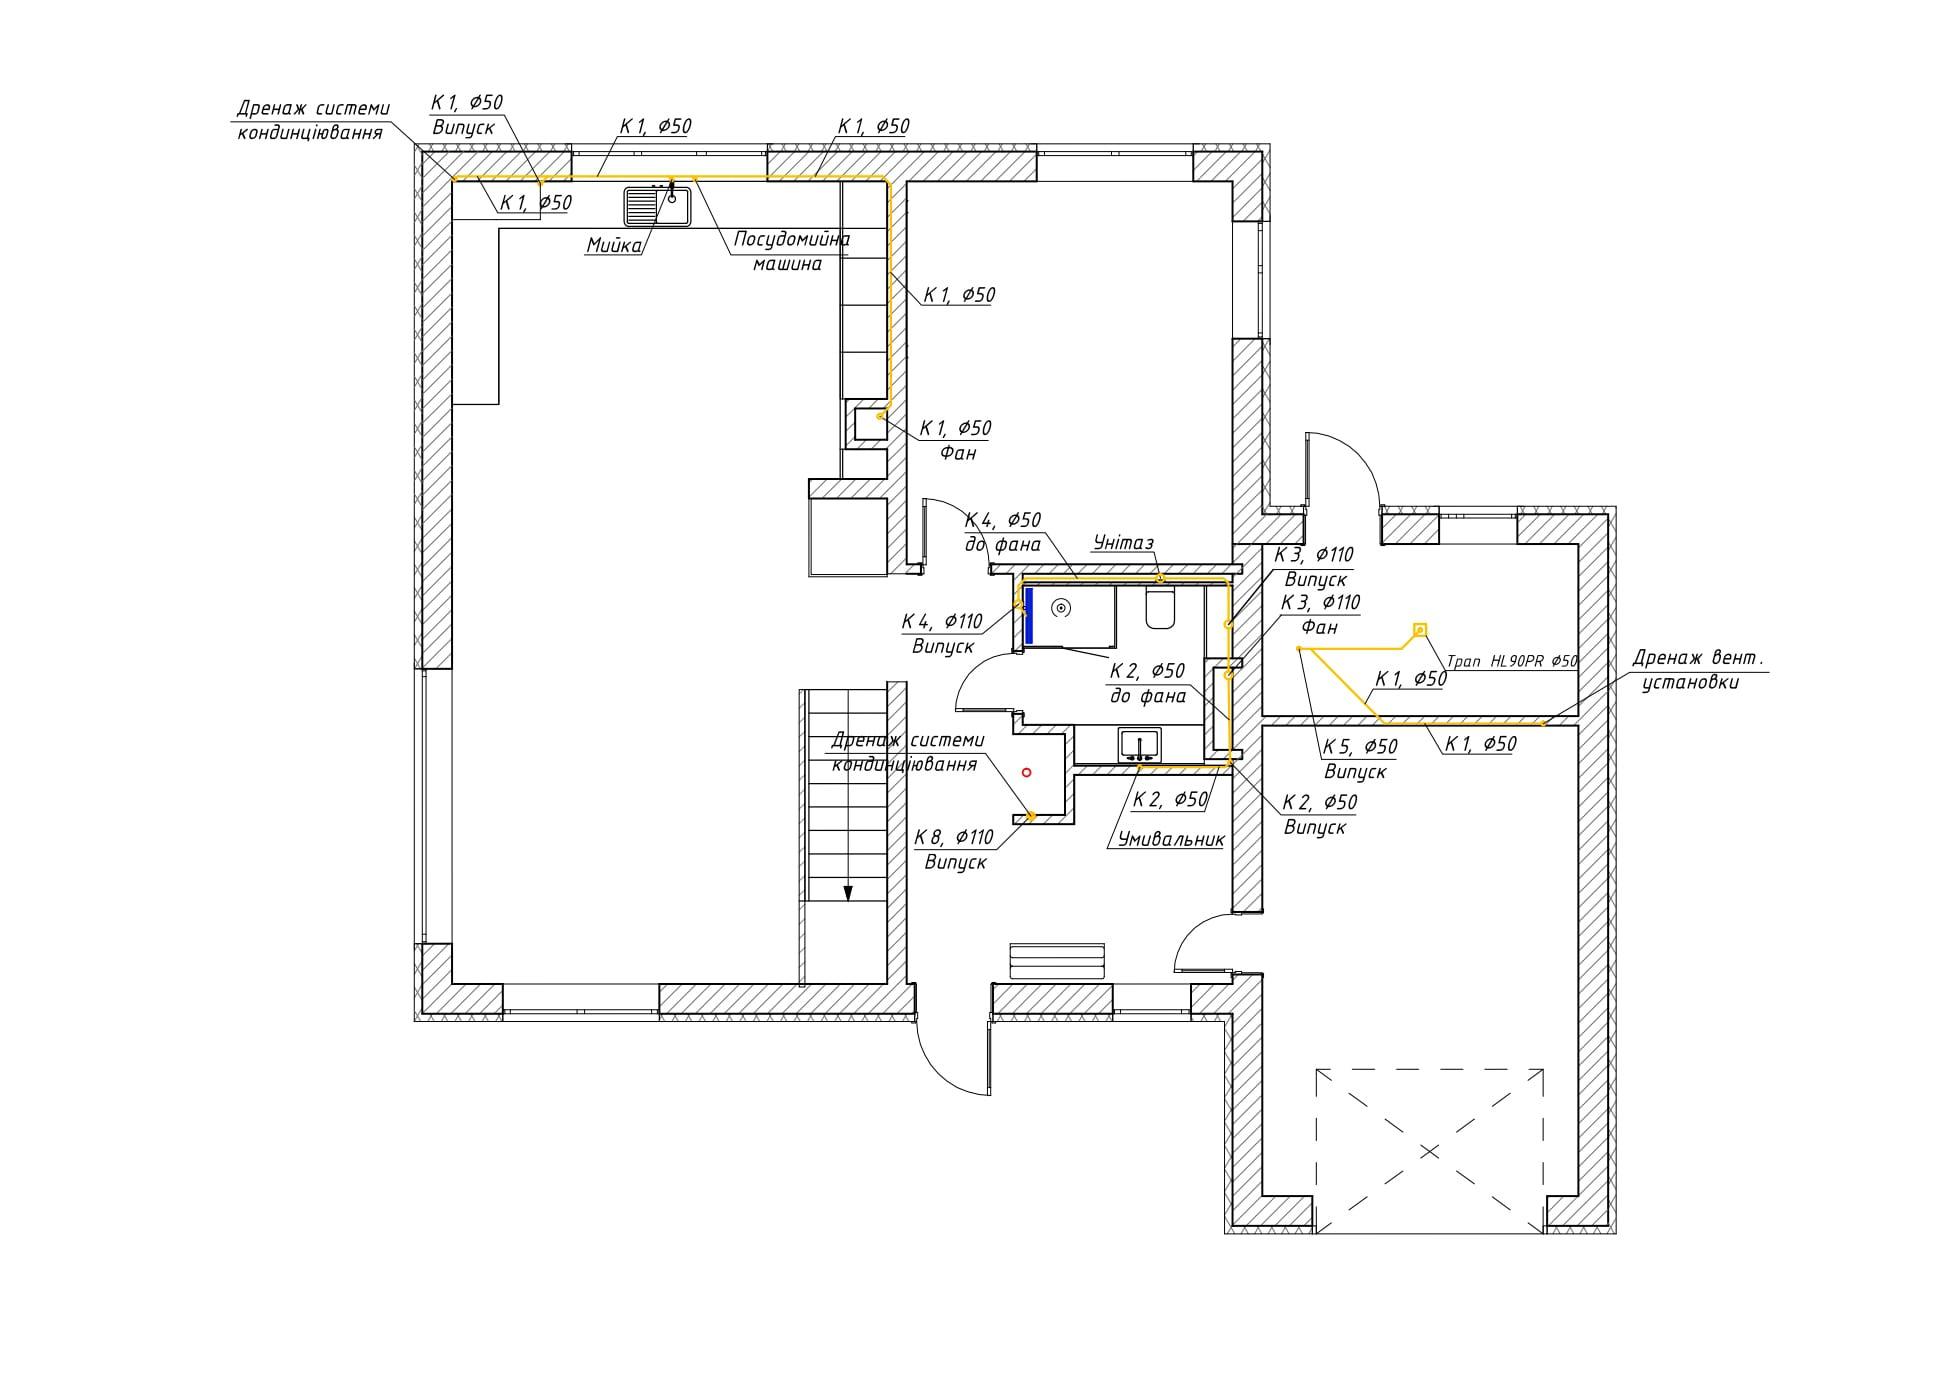 Проектирование канализации на 1 этаже частного дома